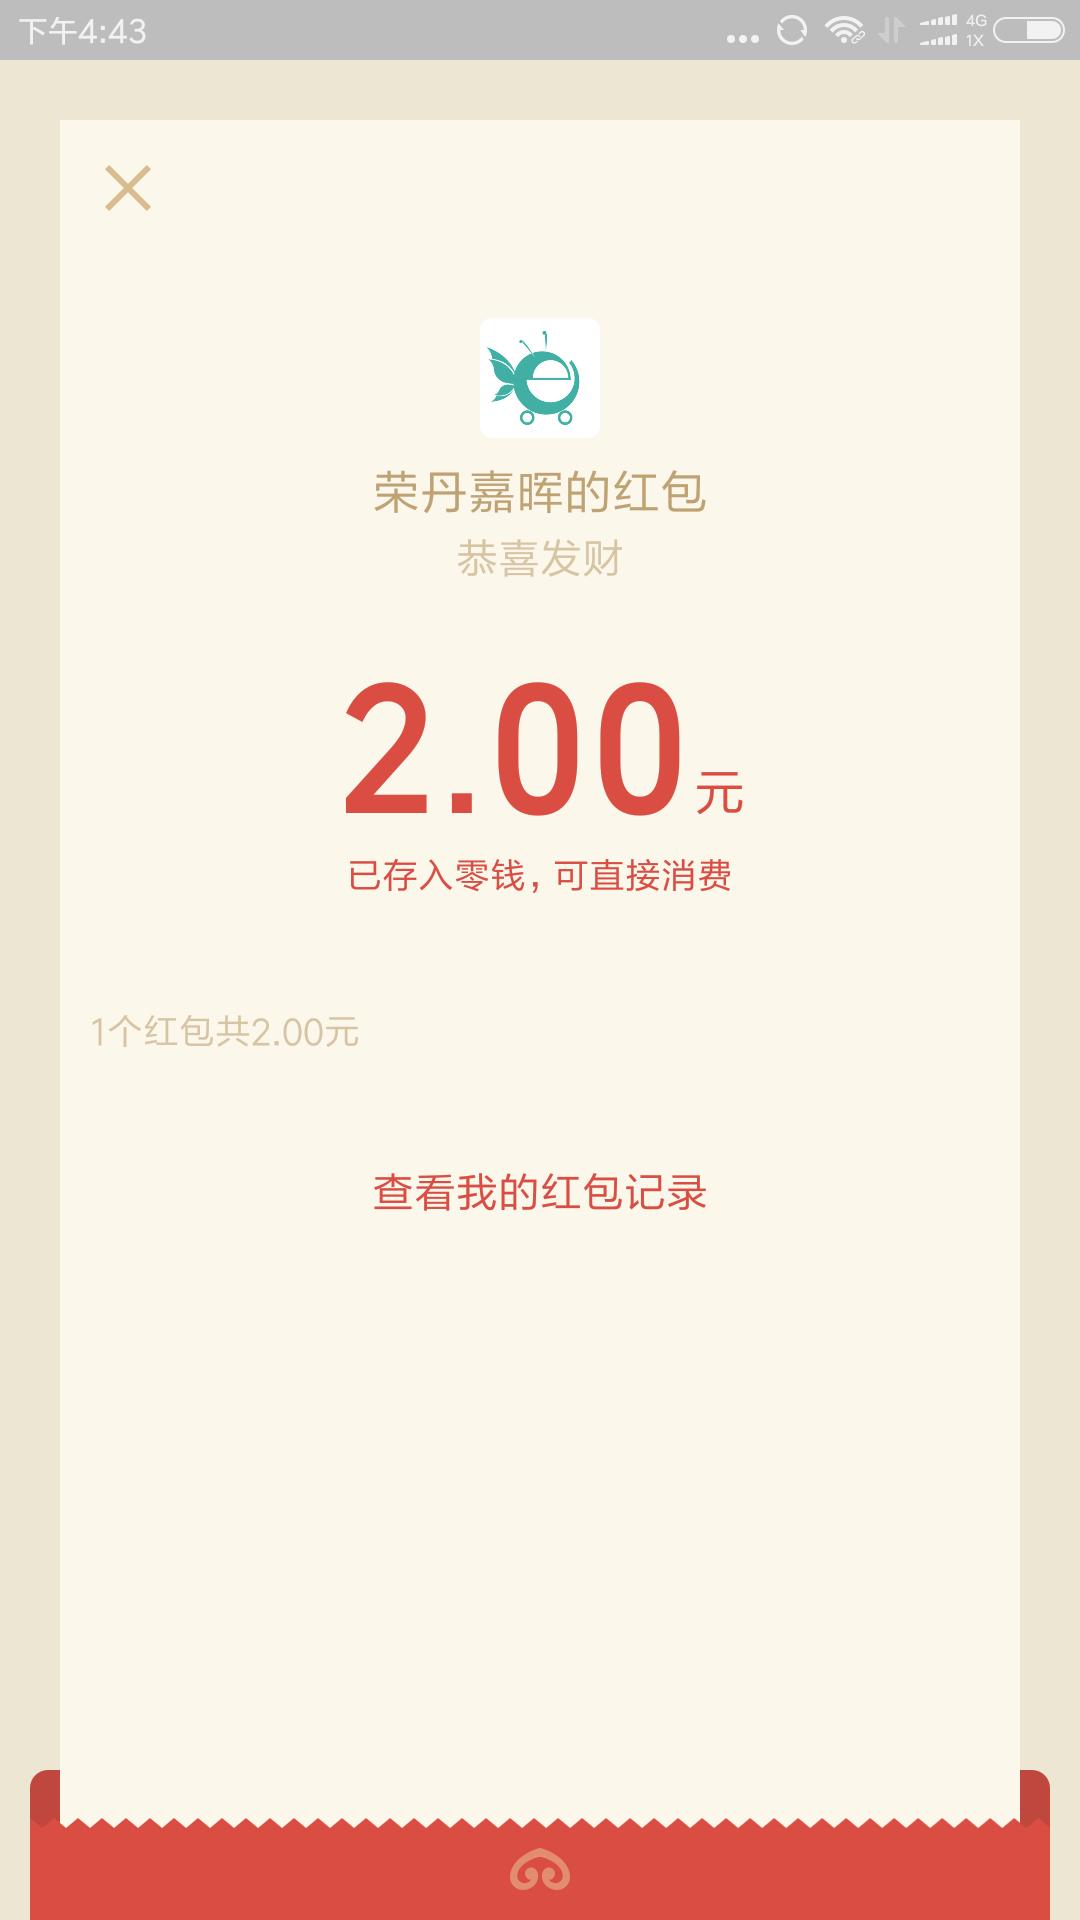 【现金红包】荣丹微信红包2元-100tui.cn